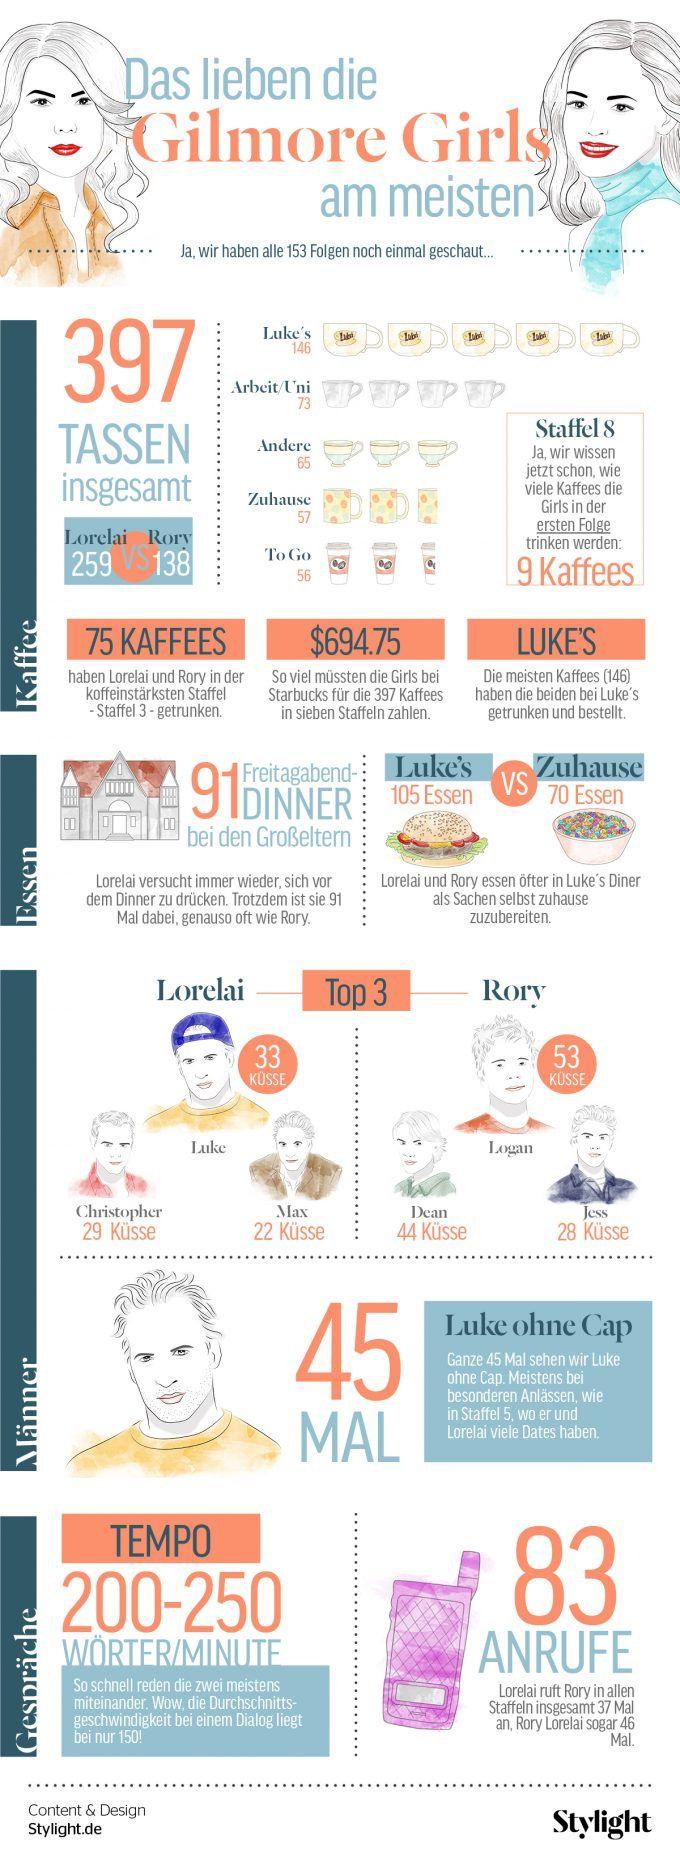 Diese Infografik über die Gilmore Girls versorgt euch mit (un)nötigem Wissen, um gewappnet in die neue Staffel Gilmore Girls zu starten.